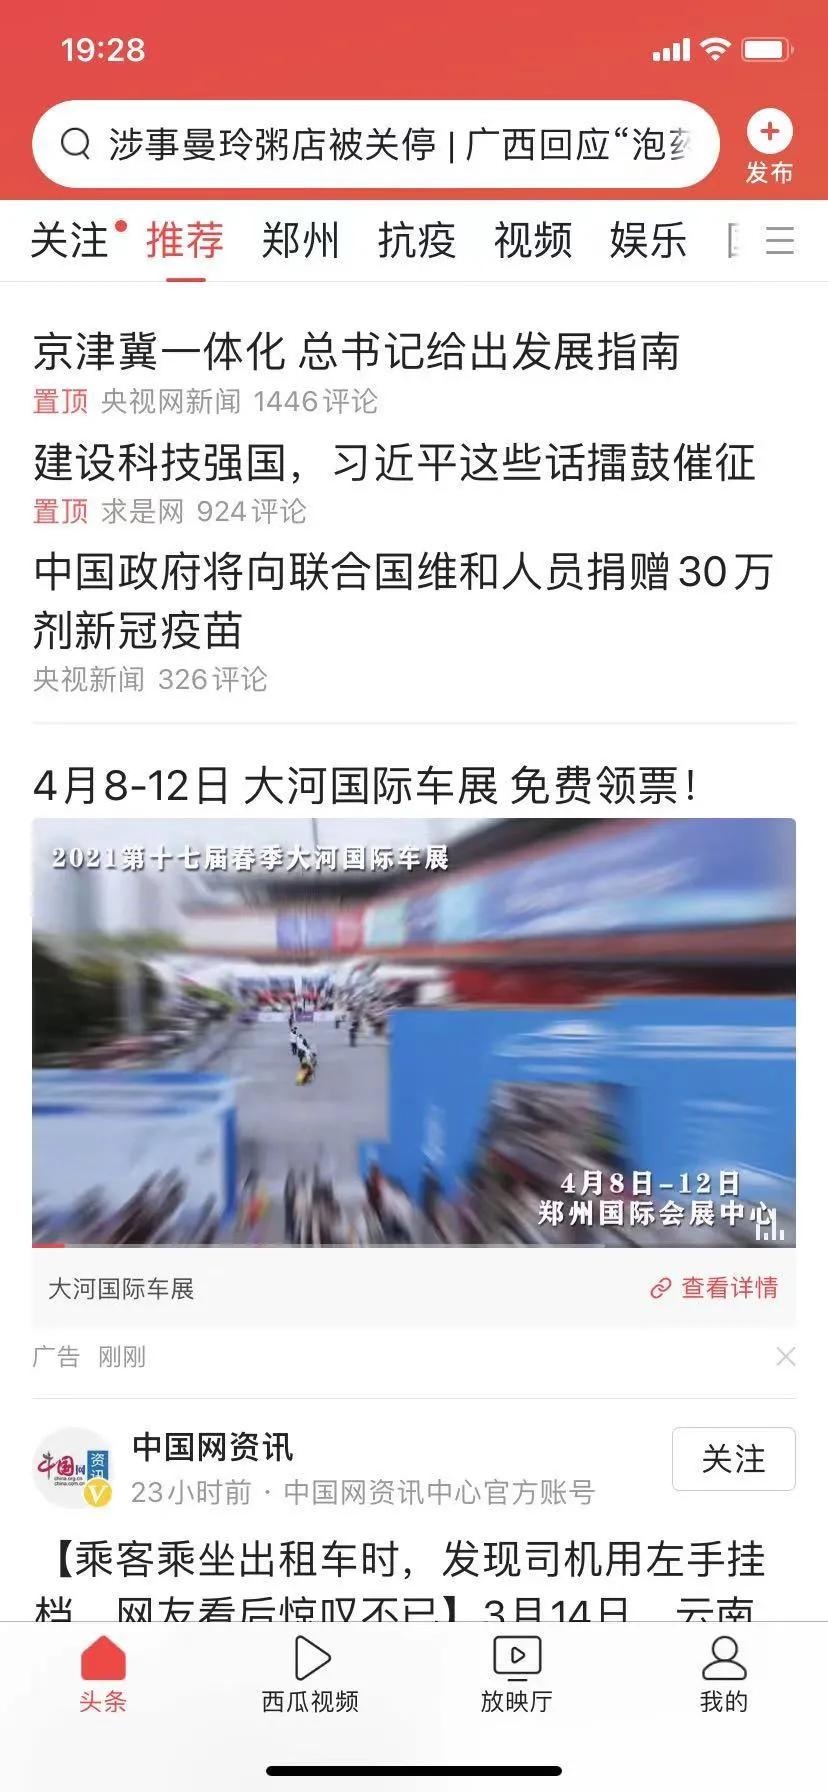 大河报汽车网